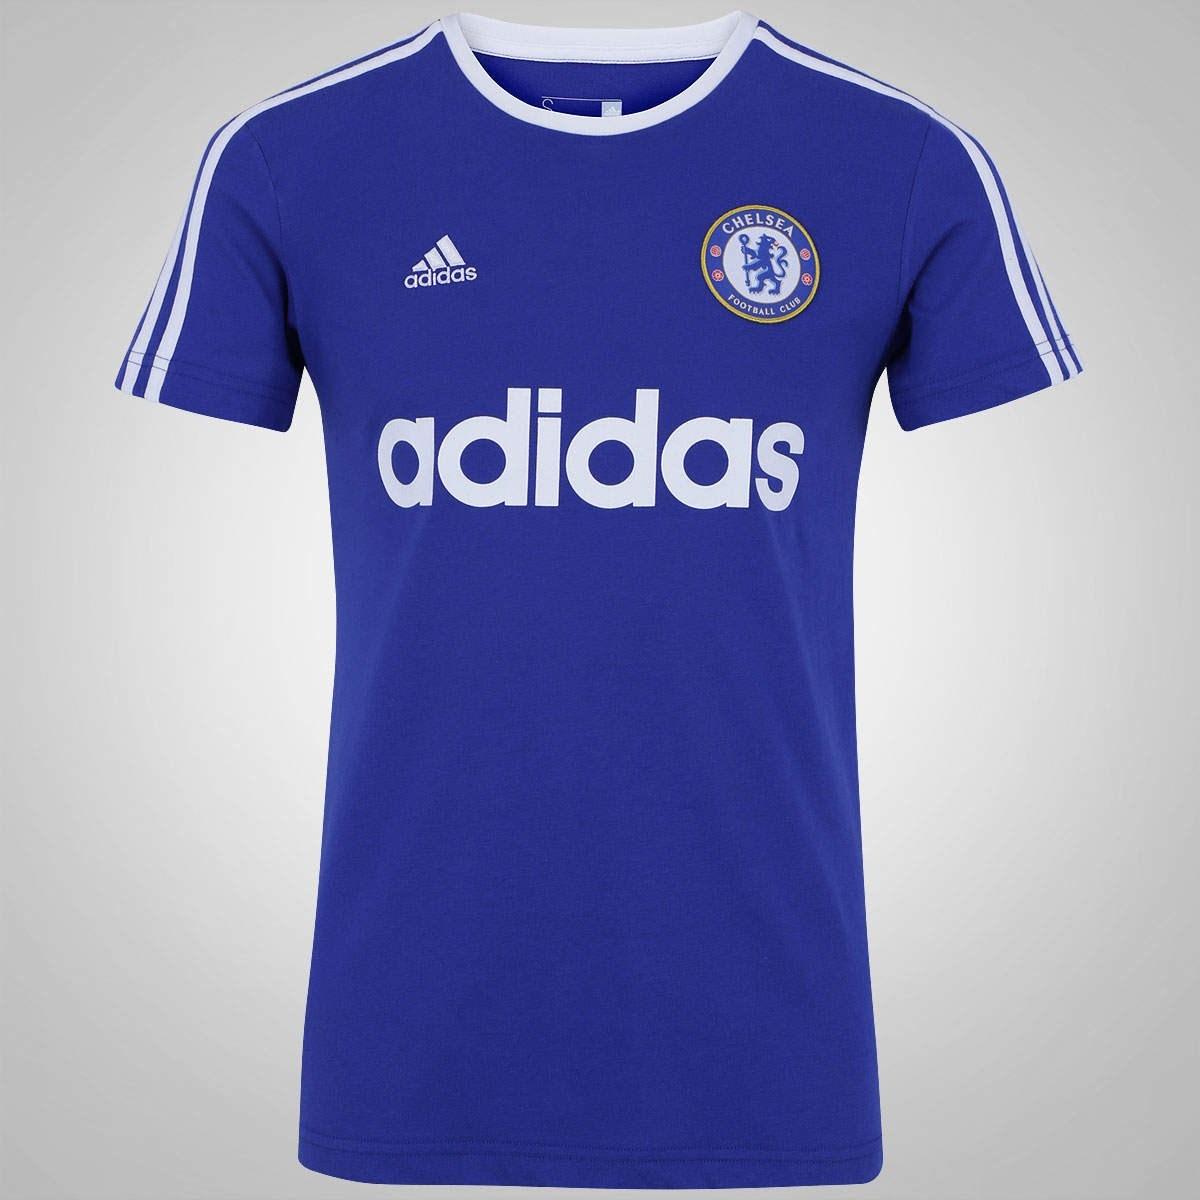 2e98f830a1c66 camiseta adidas chelsea azul original. Carregando zoom.